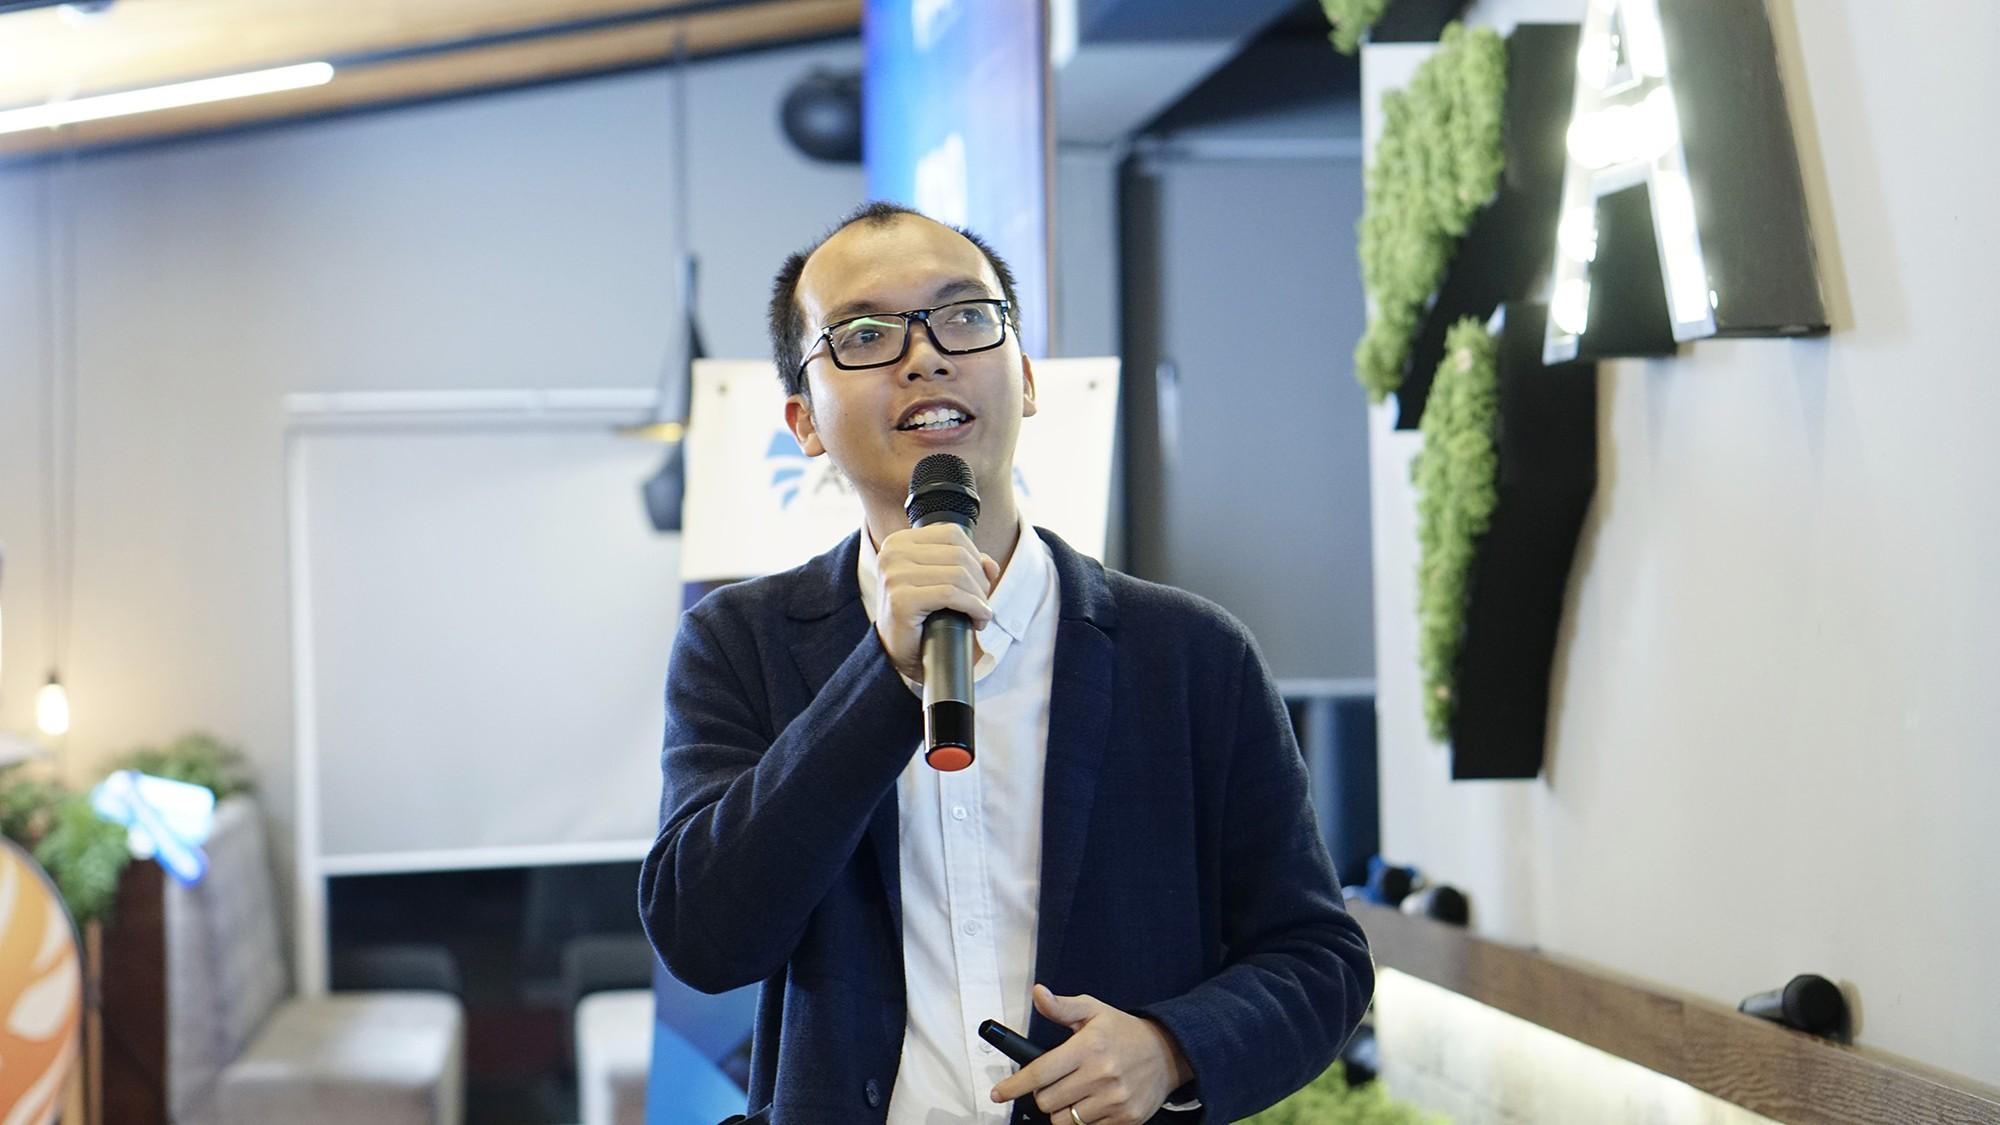 - dsc9684 15516949924841817197542 - 7 đặc điểm khiến thế hệ Gen Z Việt Nam, dù chưa kiếm ra nhiều tiền, vẫn đủ sức mạnh thay đổi các ngành từ kinh doanh đến công nghệ, giải trí